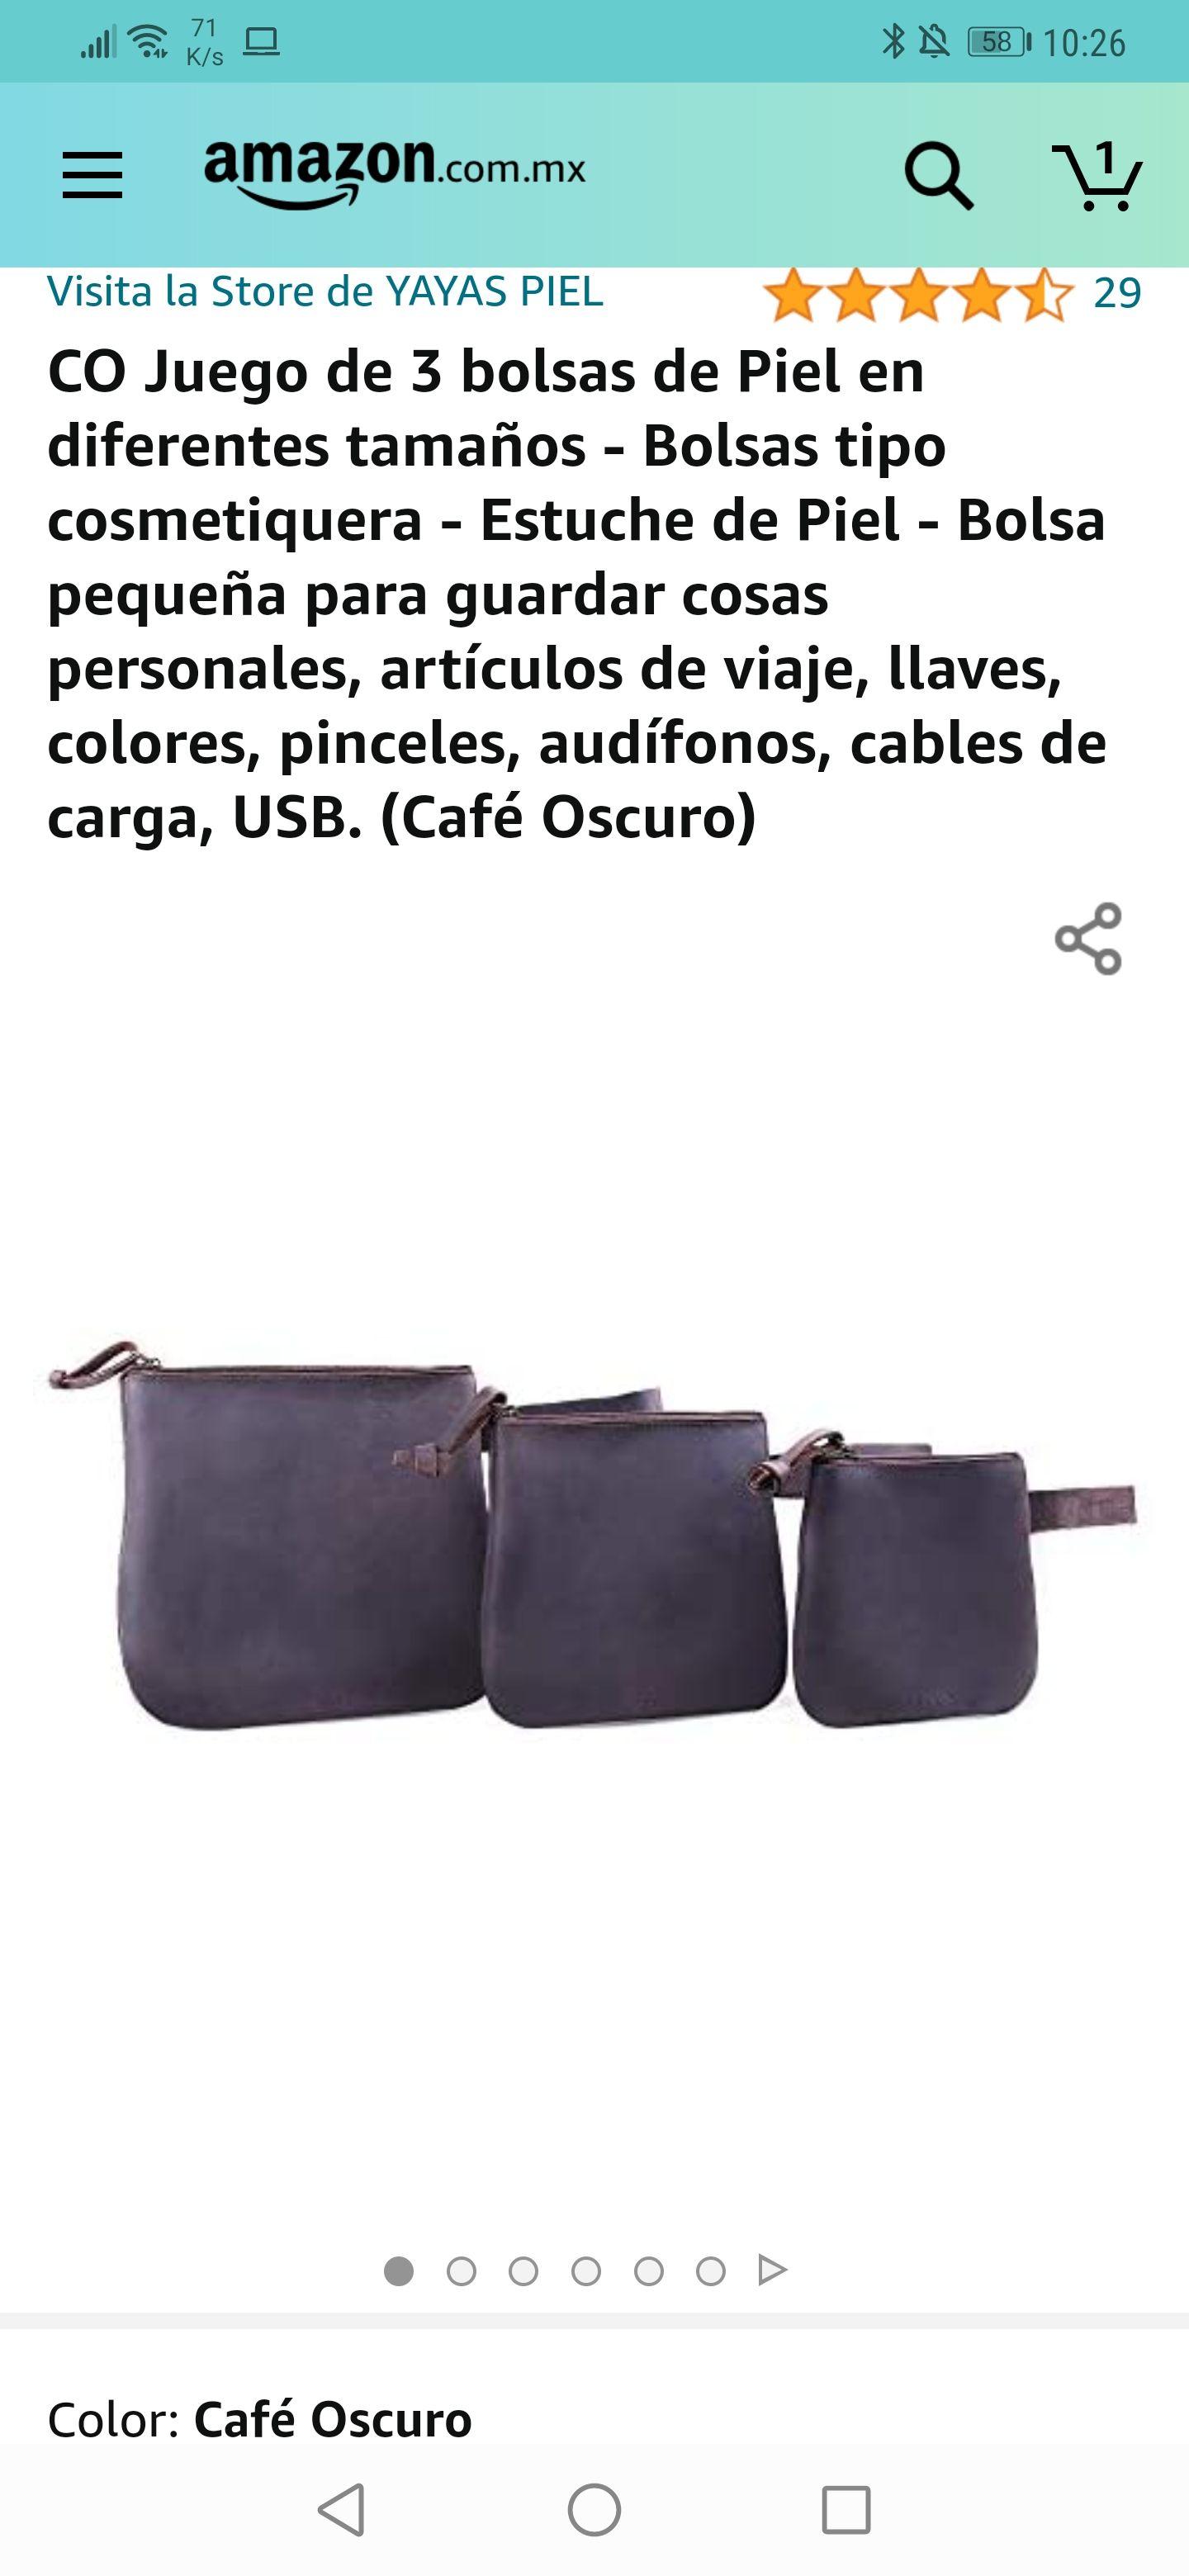 Amazon : 3 bolsas de piel de calidad diferentes tamaños menor precio histórico según keepa